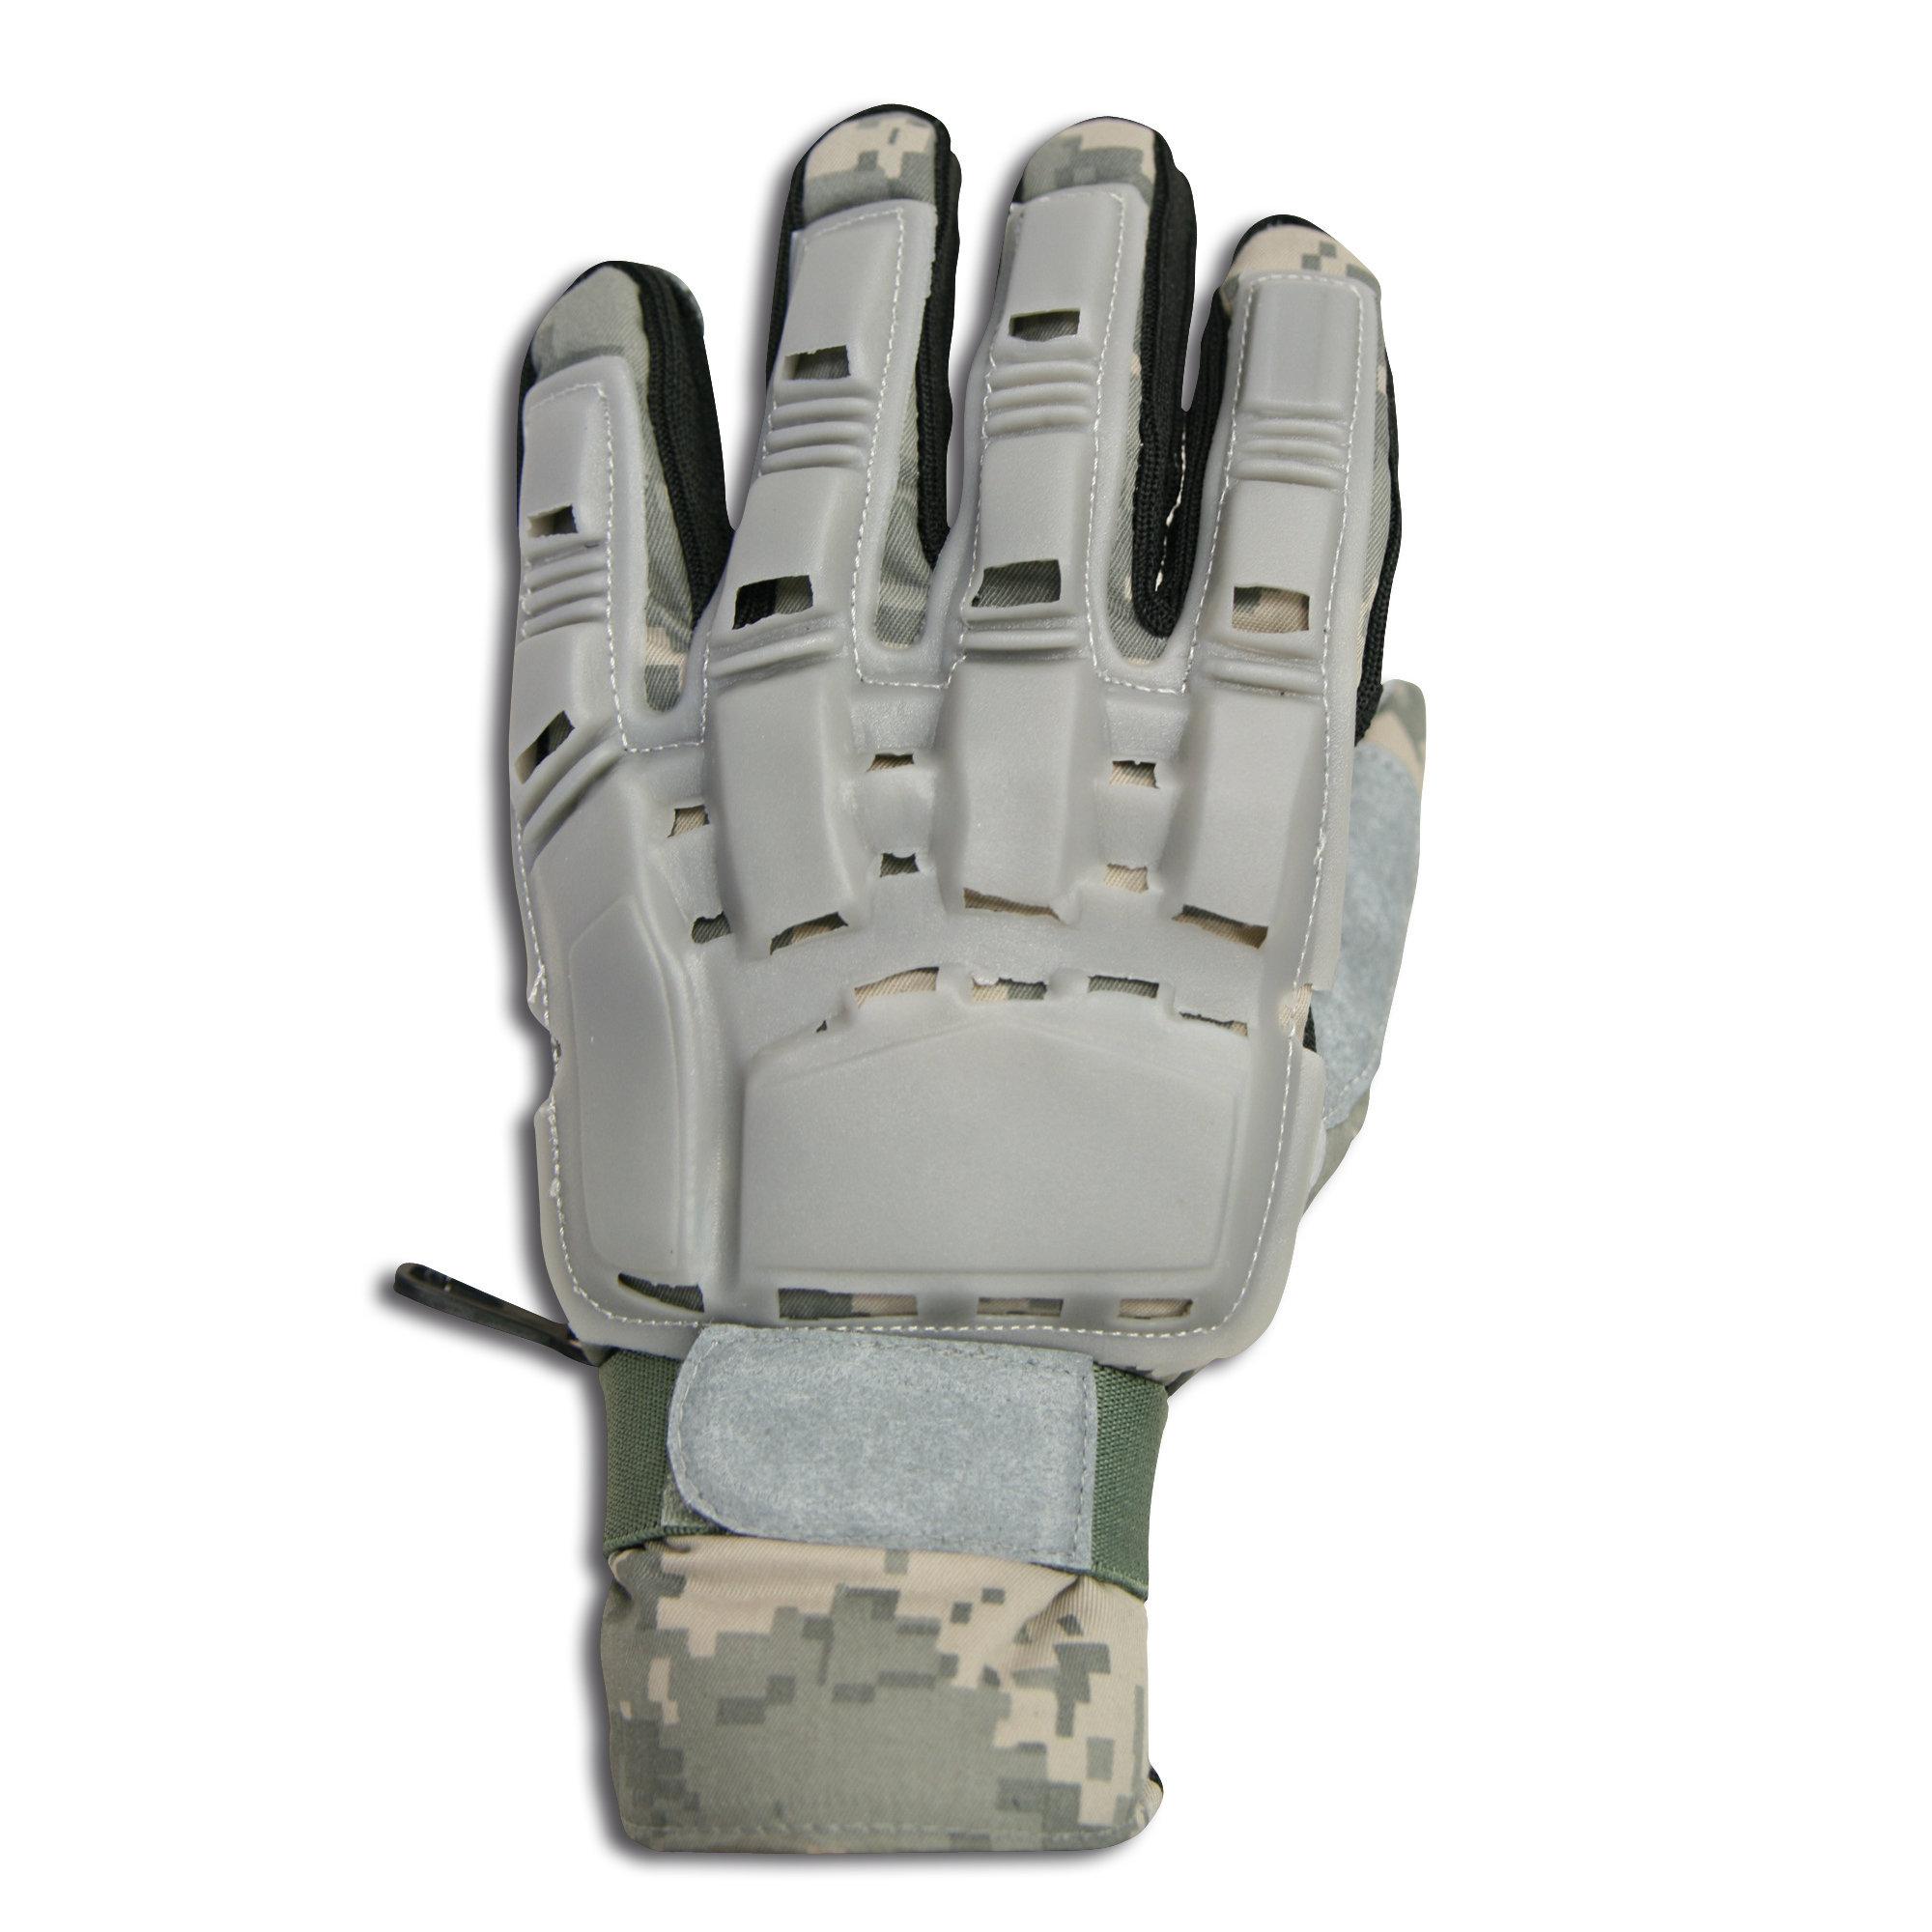 Gotcha-Paintball Gloves Full-Finger AT-digital